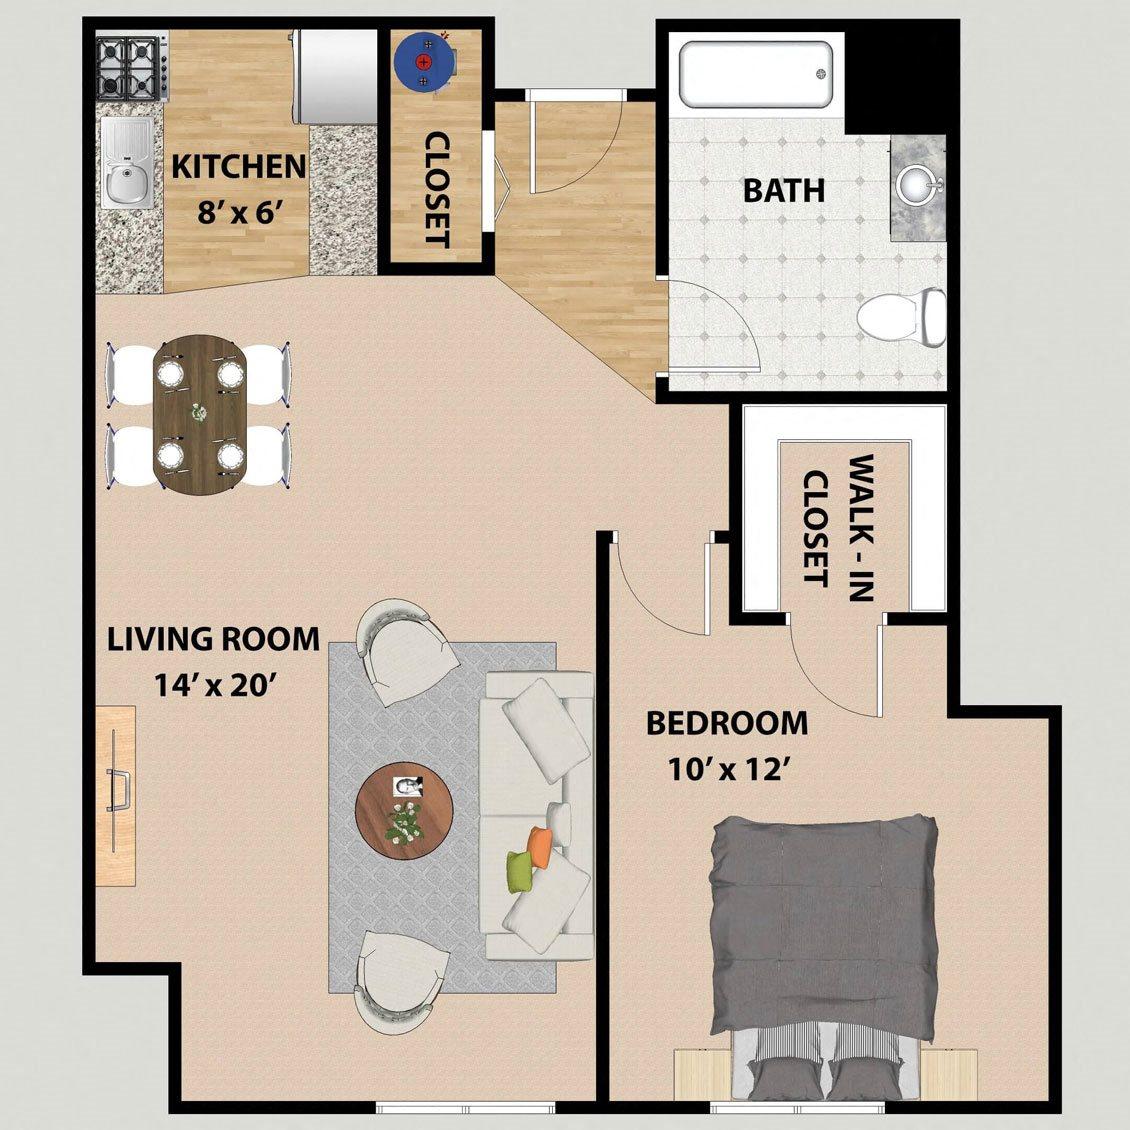 One Bedroom One Bathroom Floor Plan at Prairie Landing